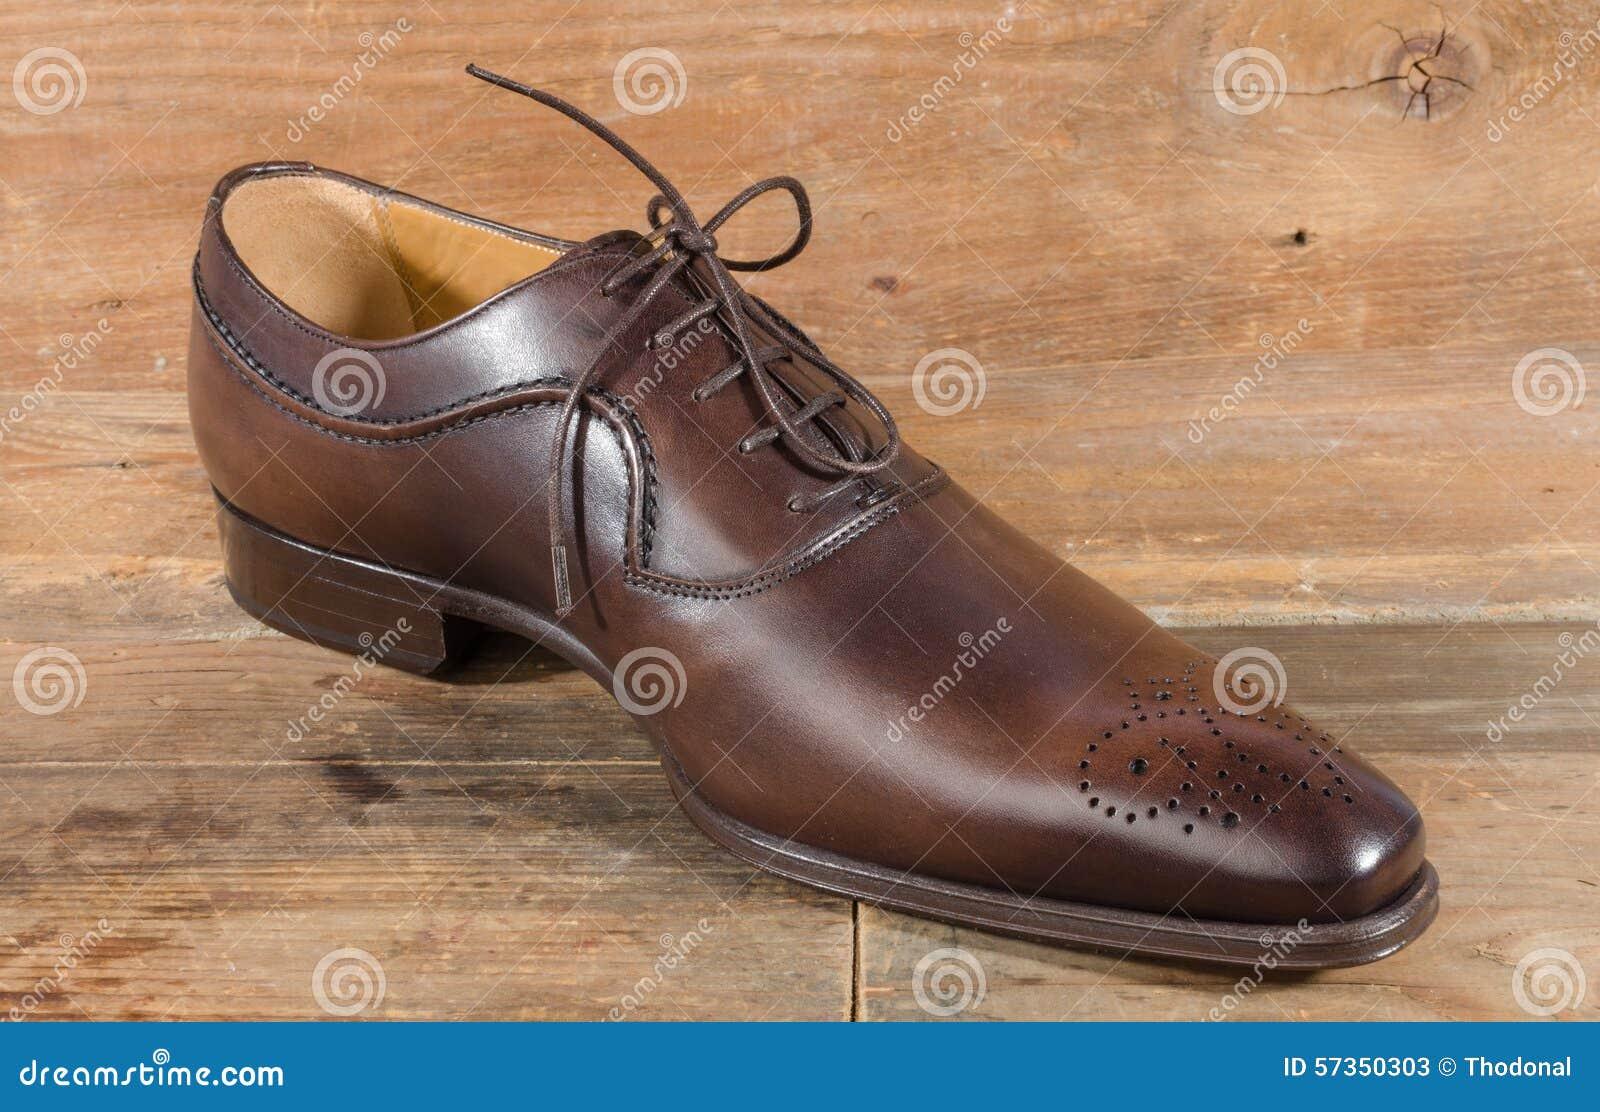 e24b4c835b8 Chaussure Brune Classique De Luxe Image stock - Image du classique ...